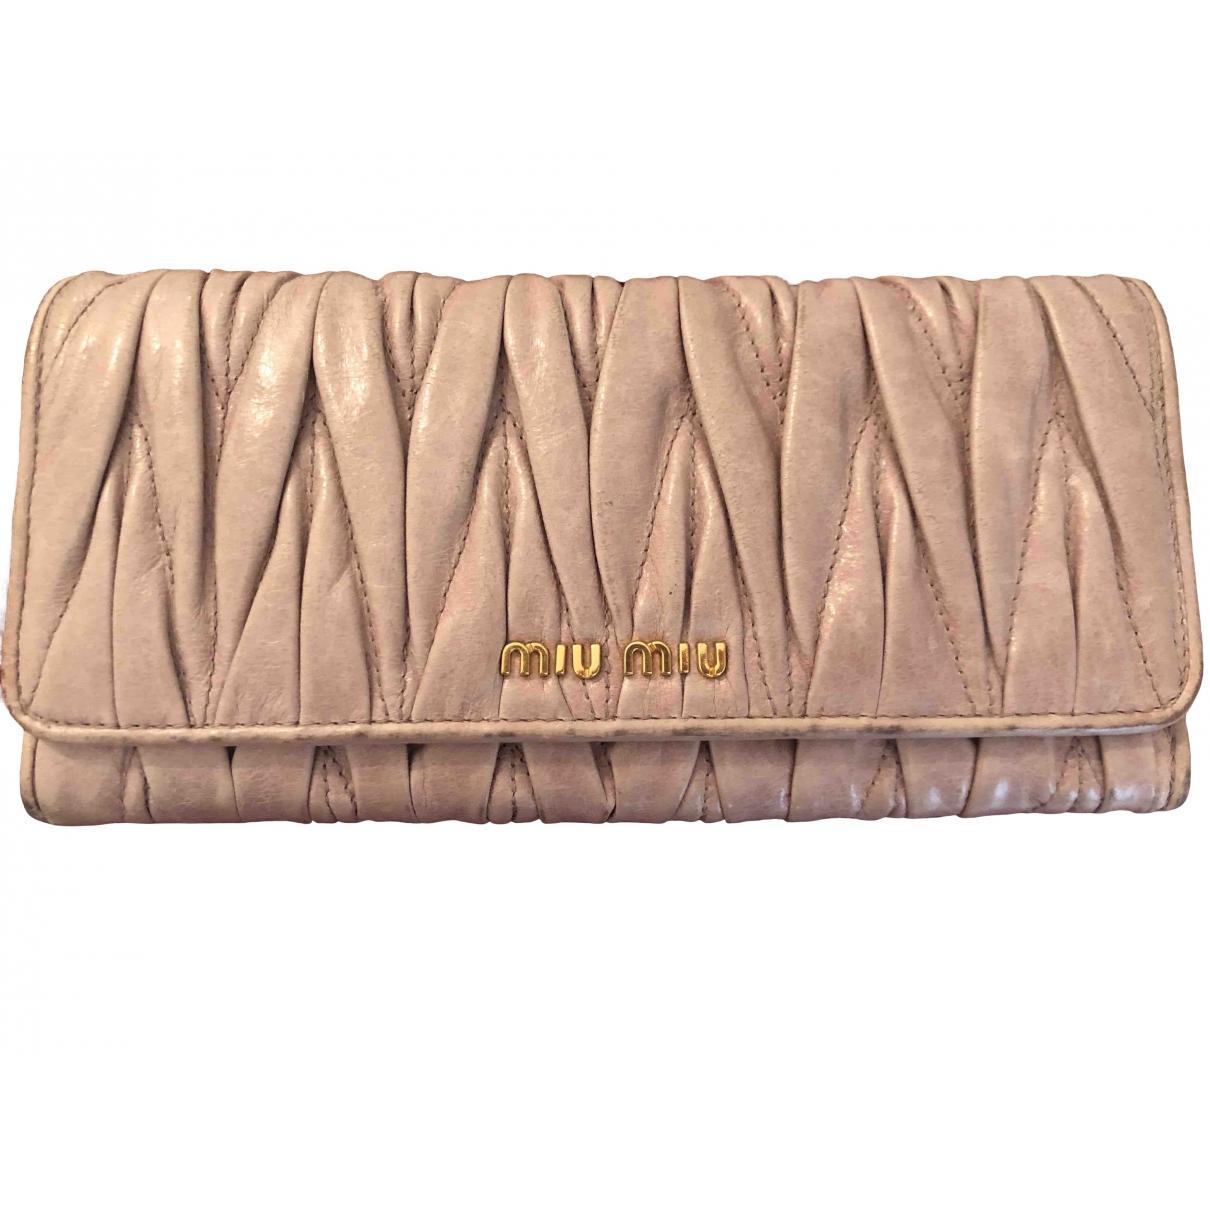 Miu Miu \N Pink Leather wallet for Women \N